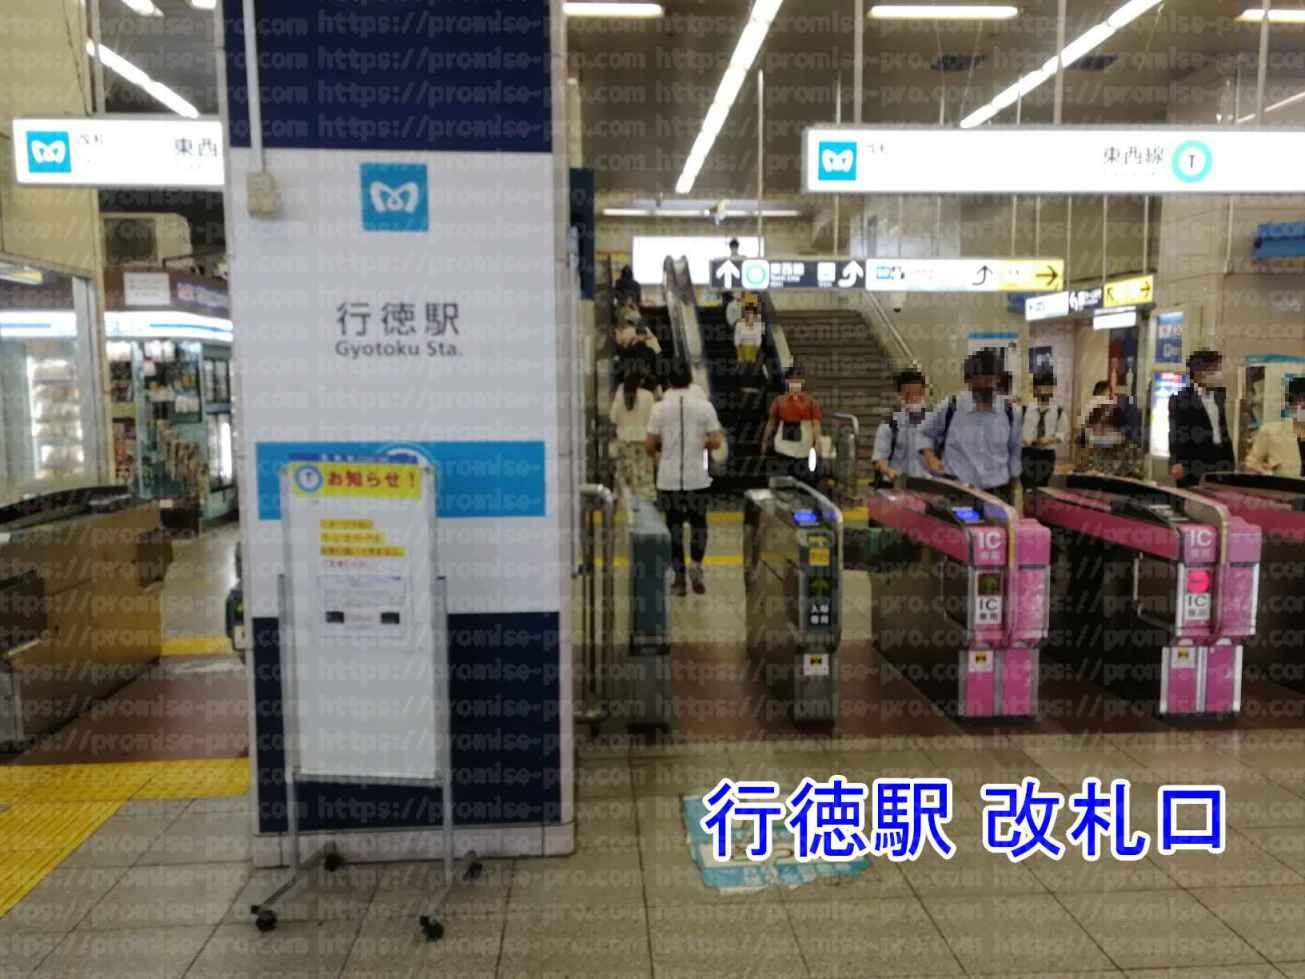 行徳駅改札口画像